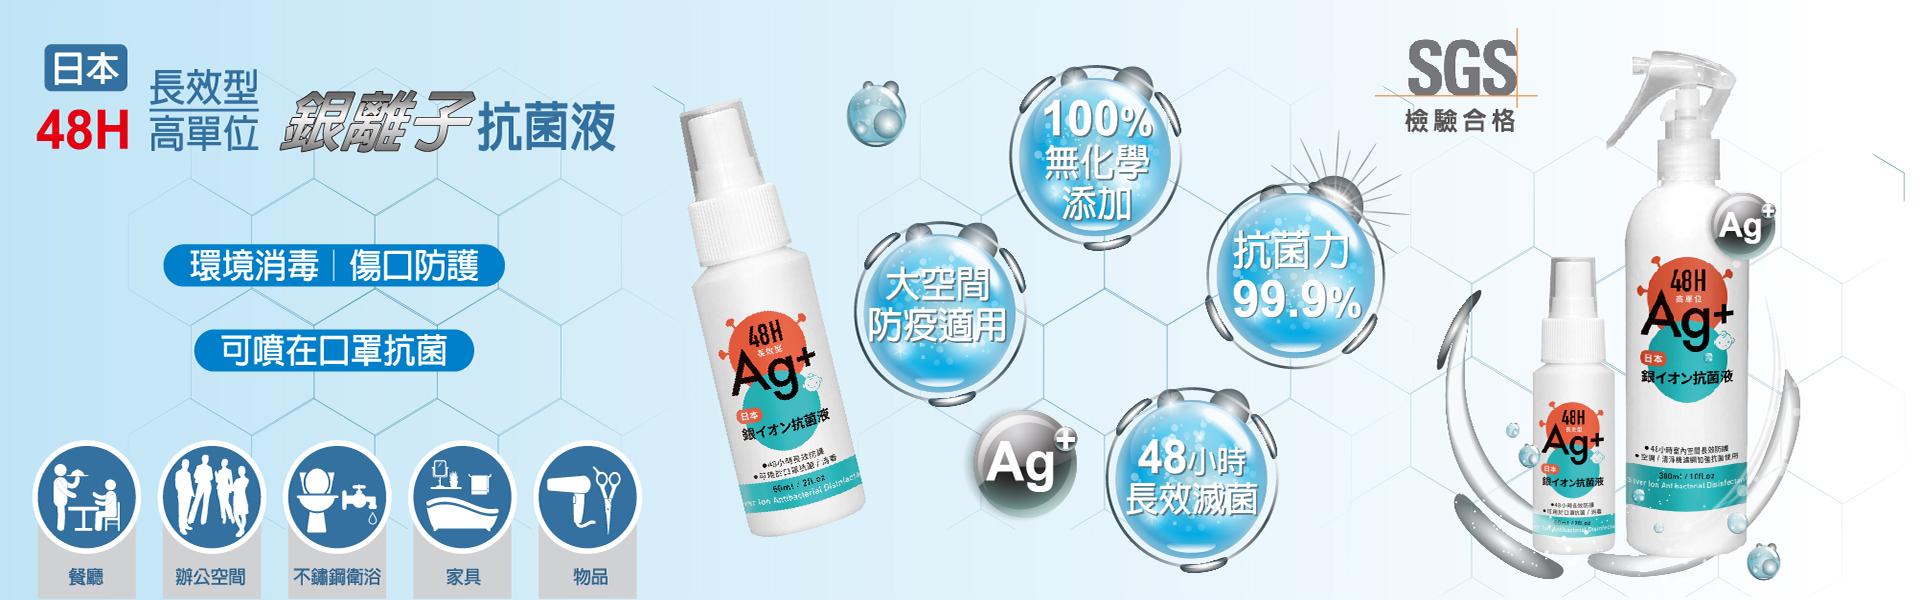 銀離子,抗菌噴霧,Ag+,48小時防疫,空間防疫,酒精,消菌,殺菌,驚奇瓶,2ppm,10ppm